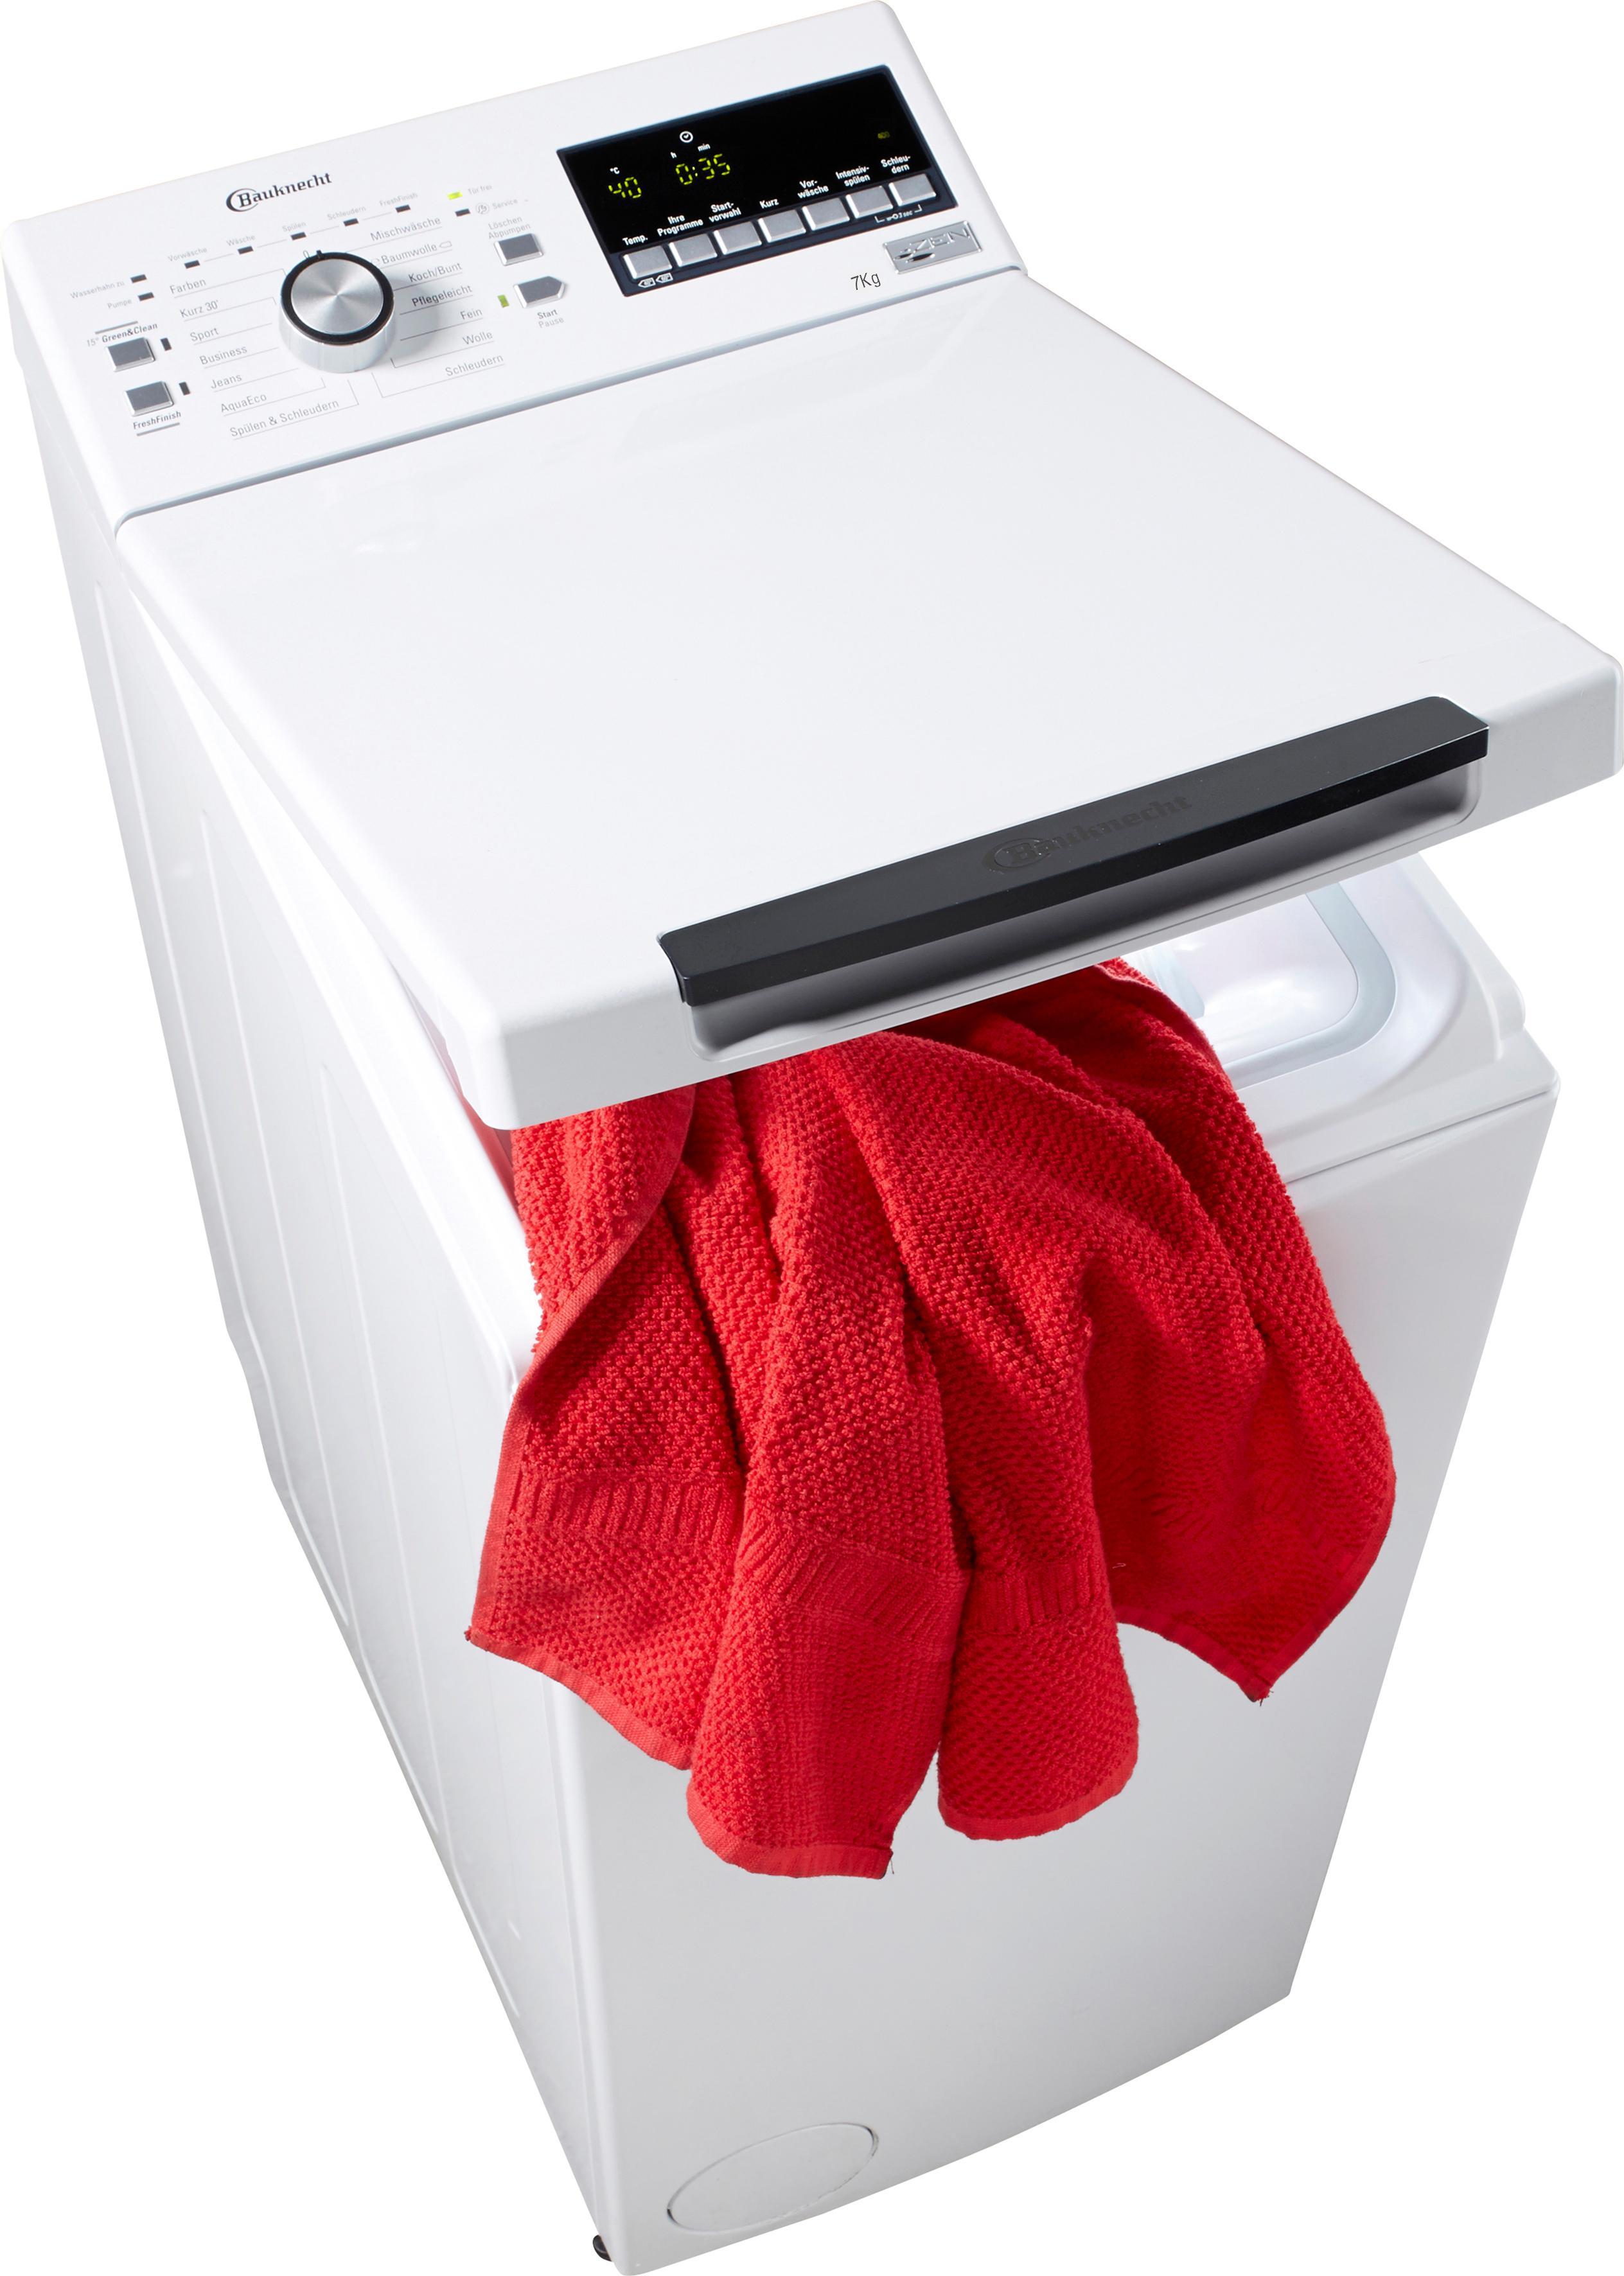 bauknecht waschmaschine toplader wmt style 722 zen auf. Black Bedroom Furniture Sets. Home Design Ideas